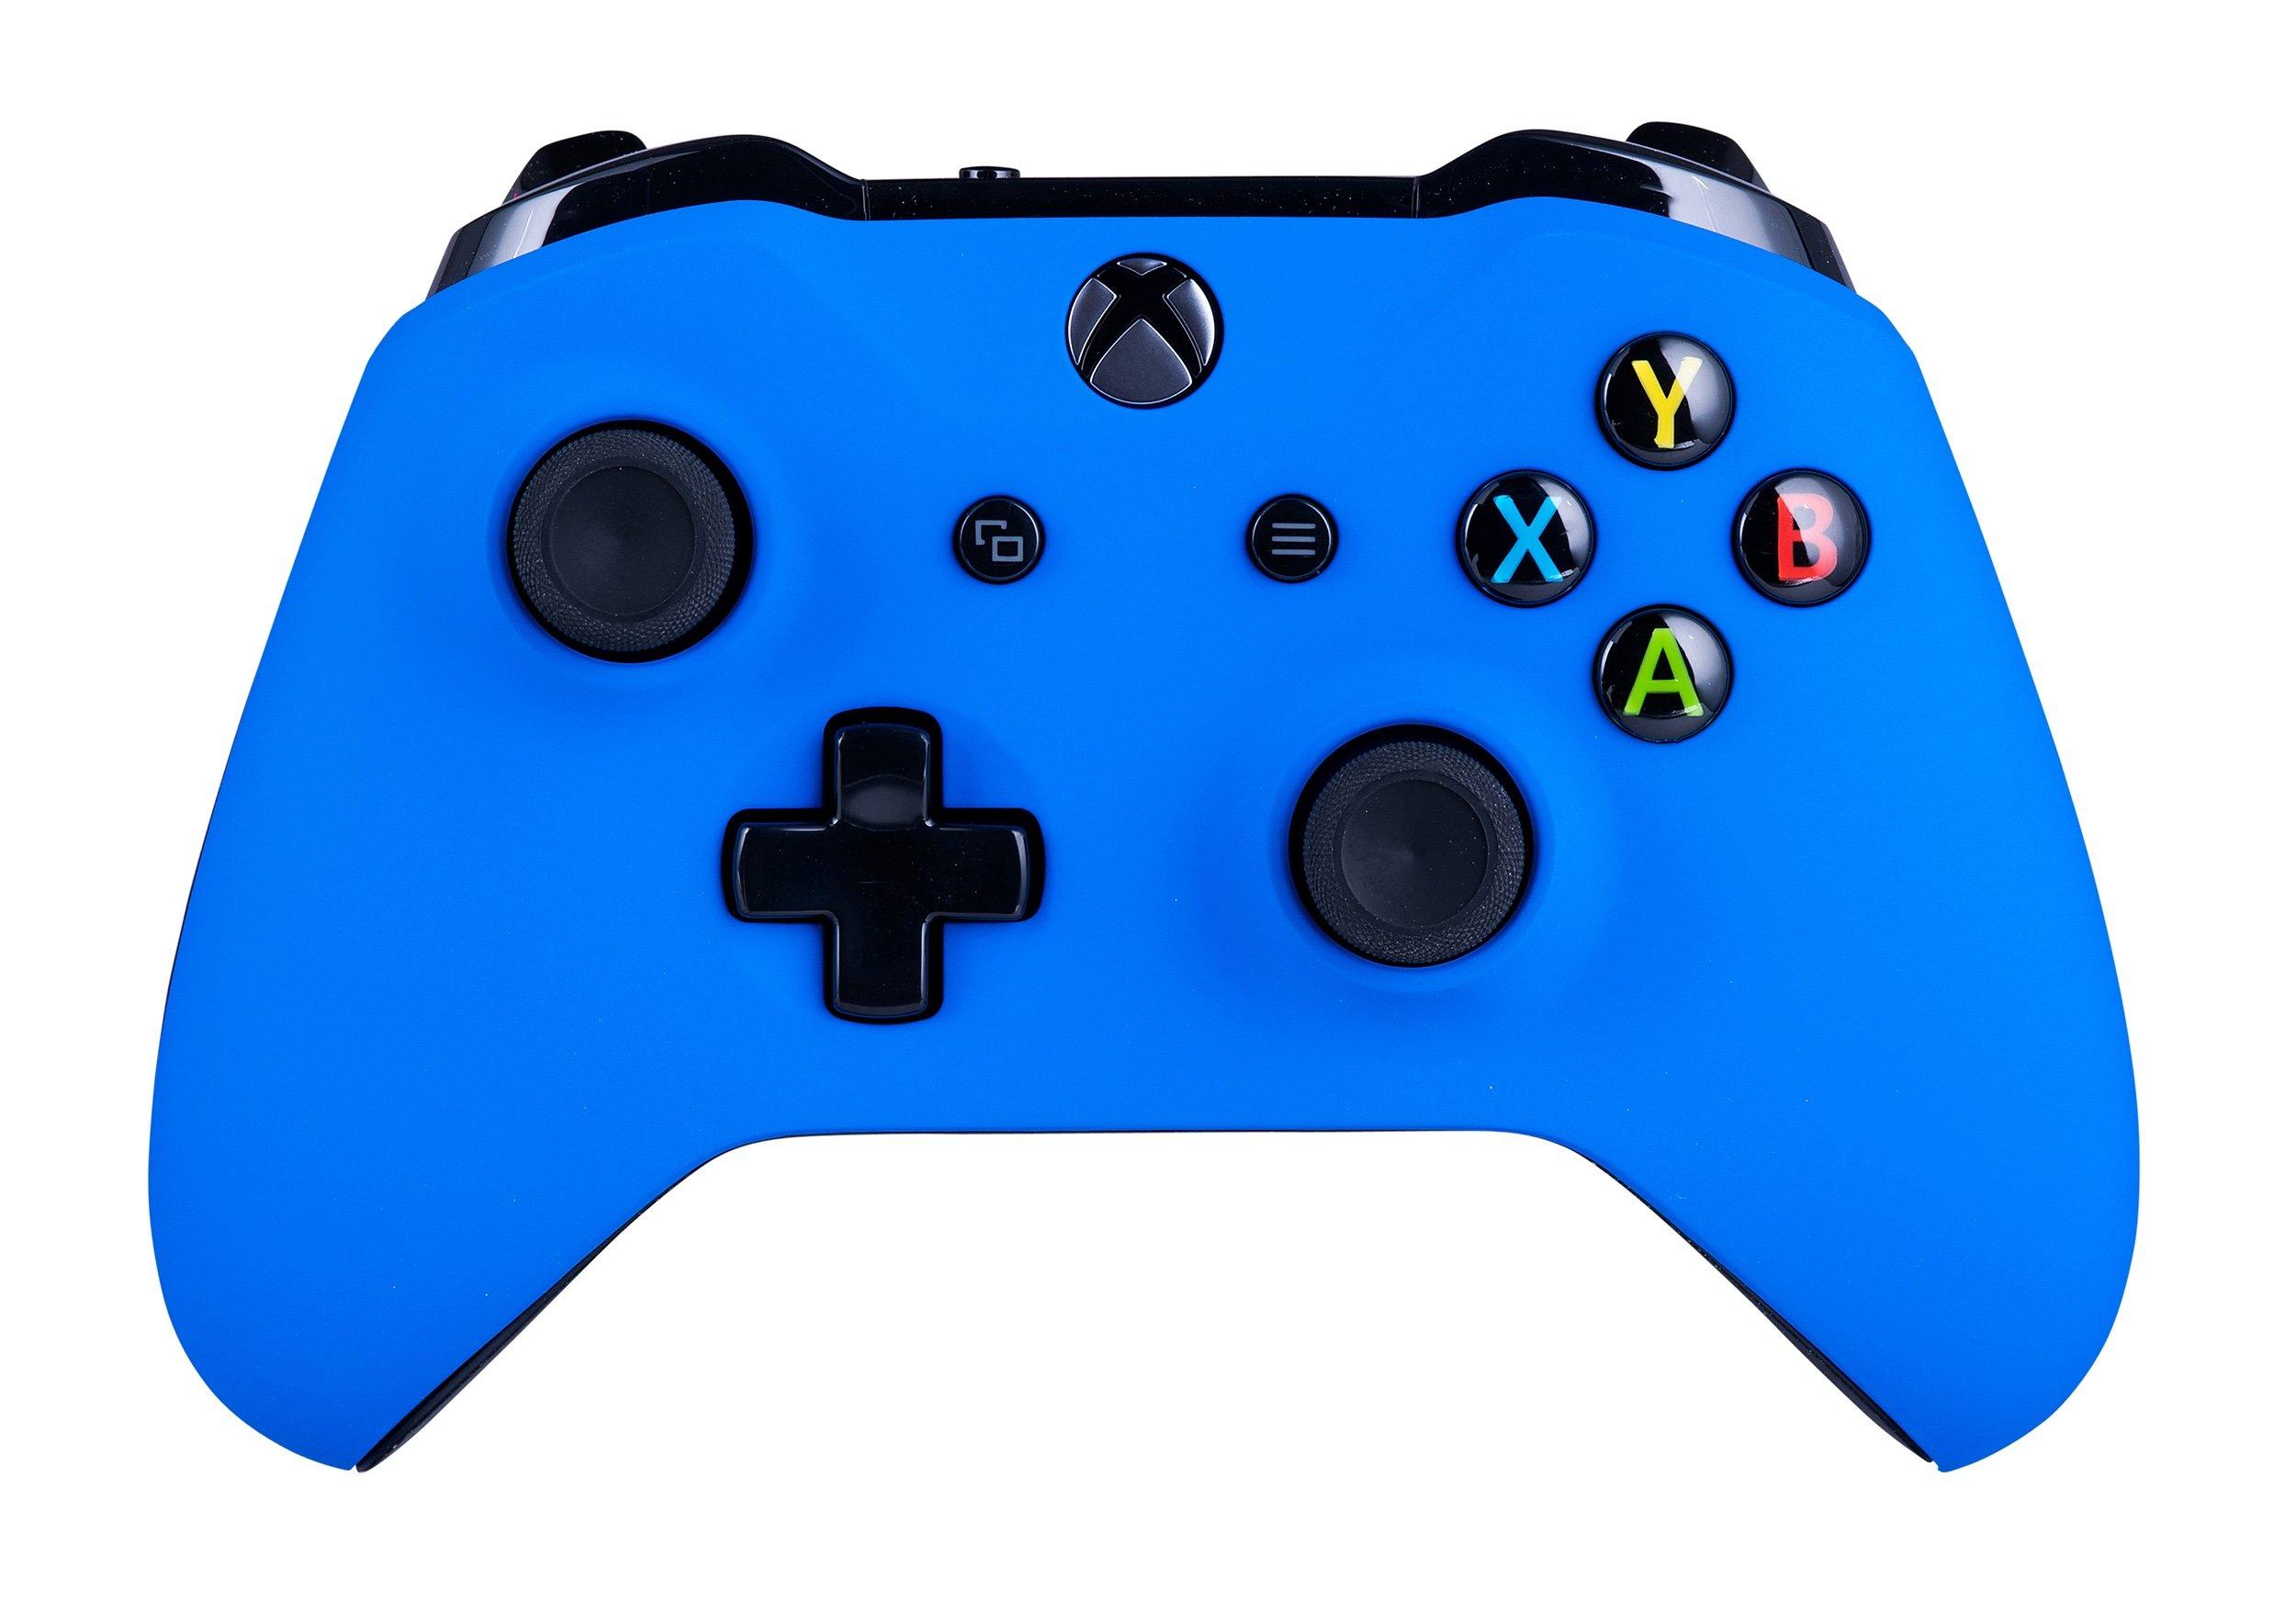 Mando inalámbrico Xbox One para Microsoft Xbox One – Mando a distancia de tacto suave X1 – Agarre añadido para largas sesiones de juego – varios colores disponibles: Amazon.es: Videojuegos